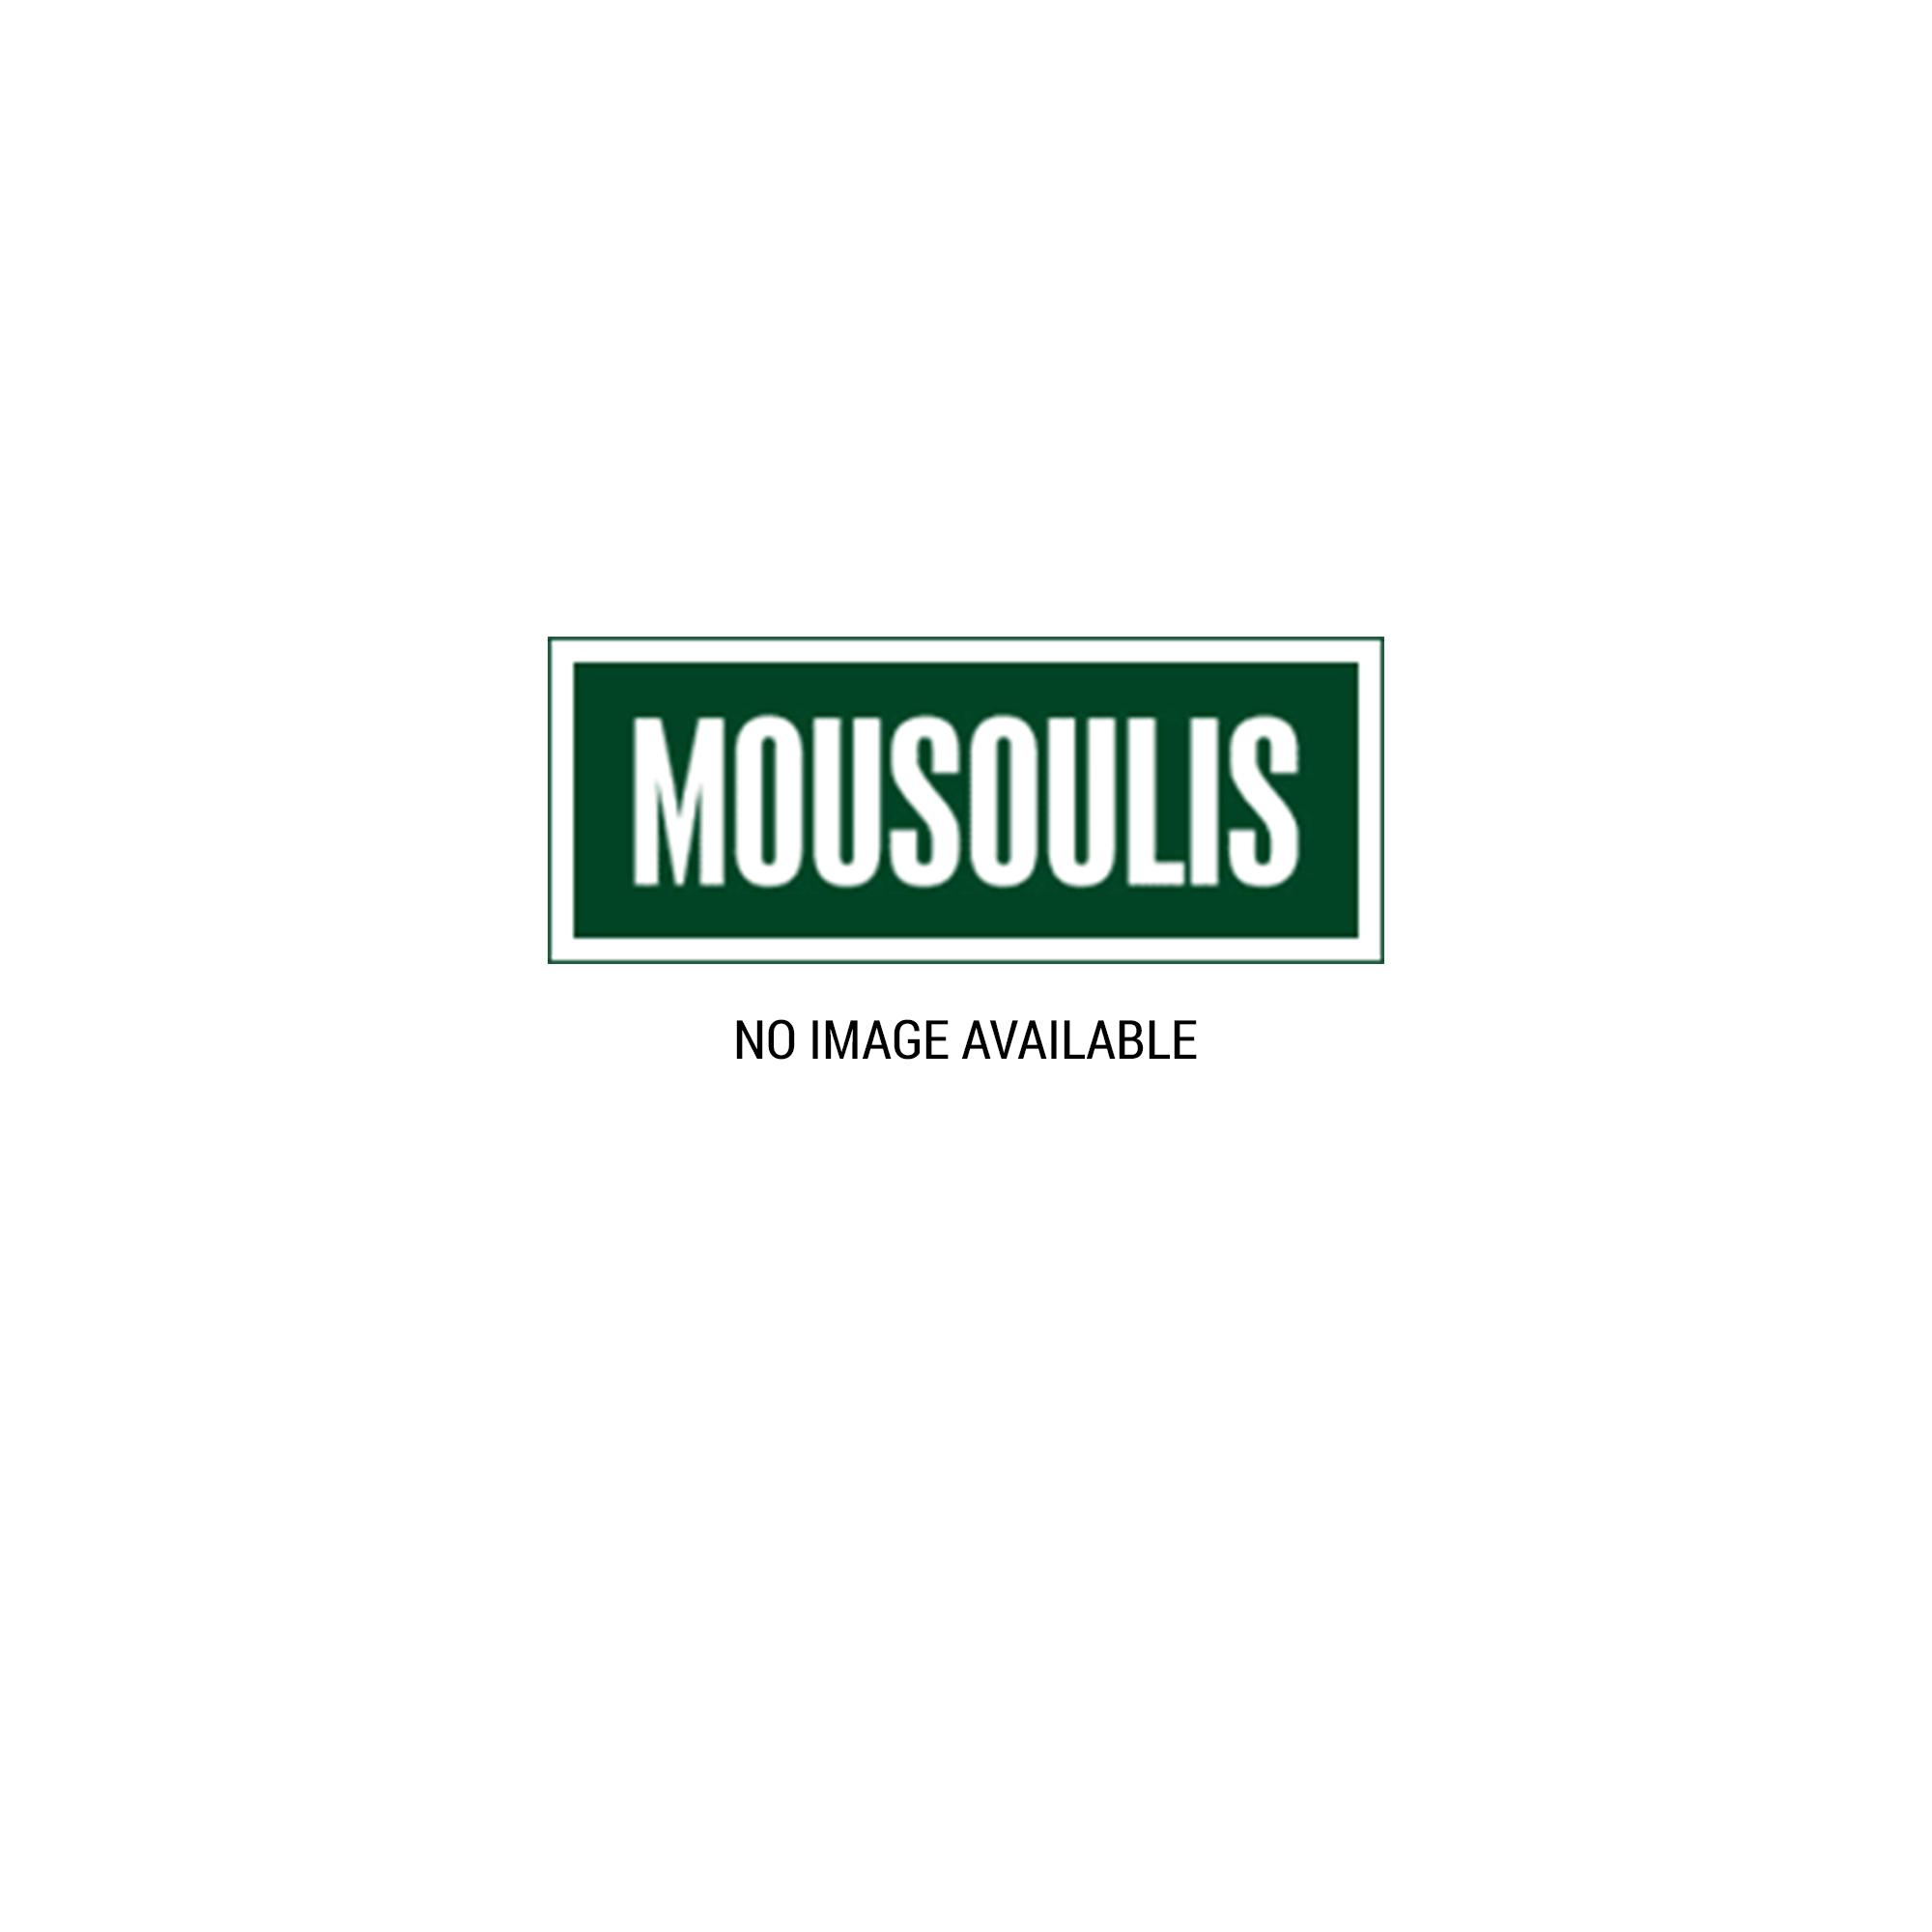 Mcs Πλεκτό Πουλόβερ Μάλλινο Μονόχρωμο Λαιμόκοψη Κανονική Γραμμή MM92340 30911 Πετρόλ